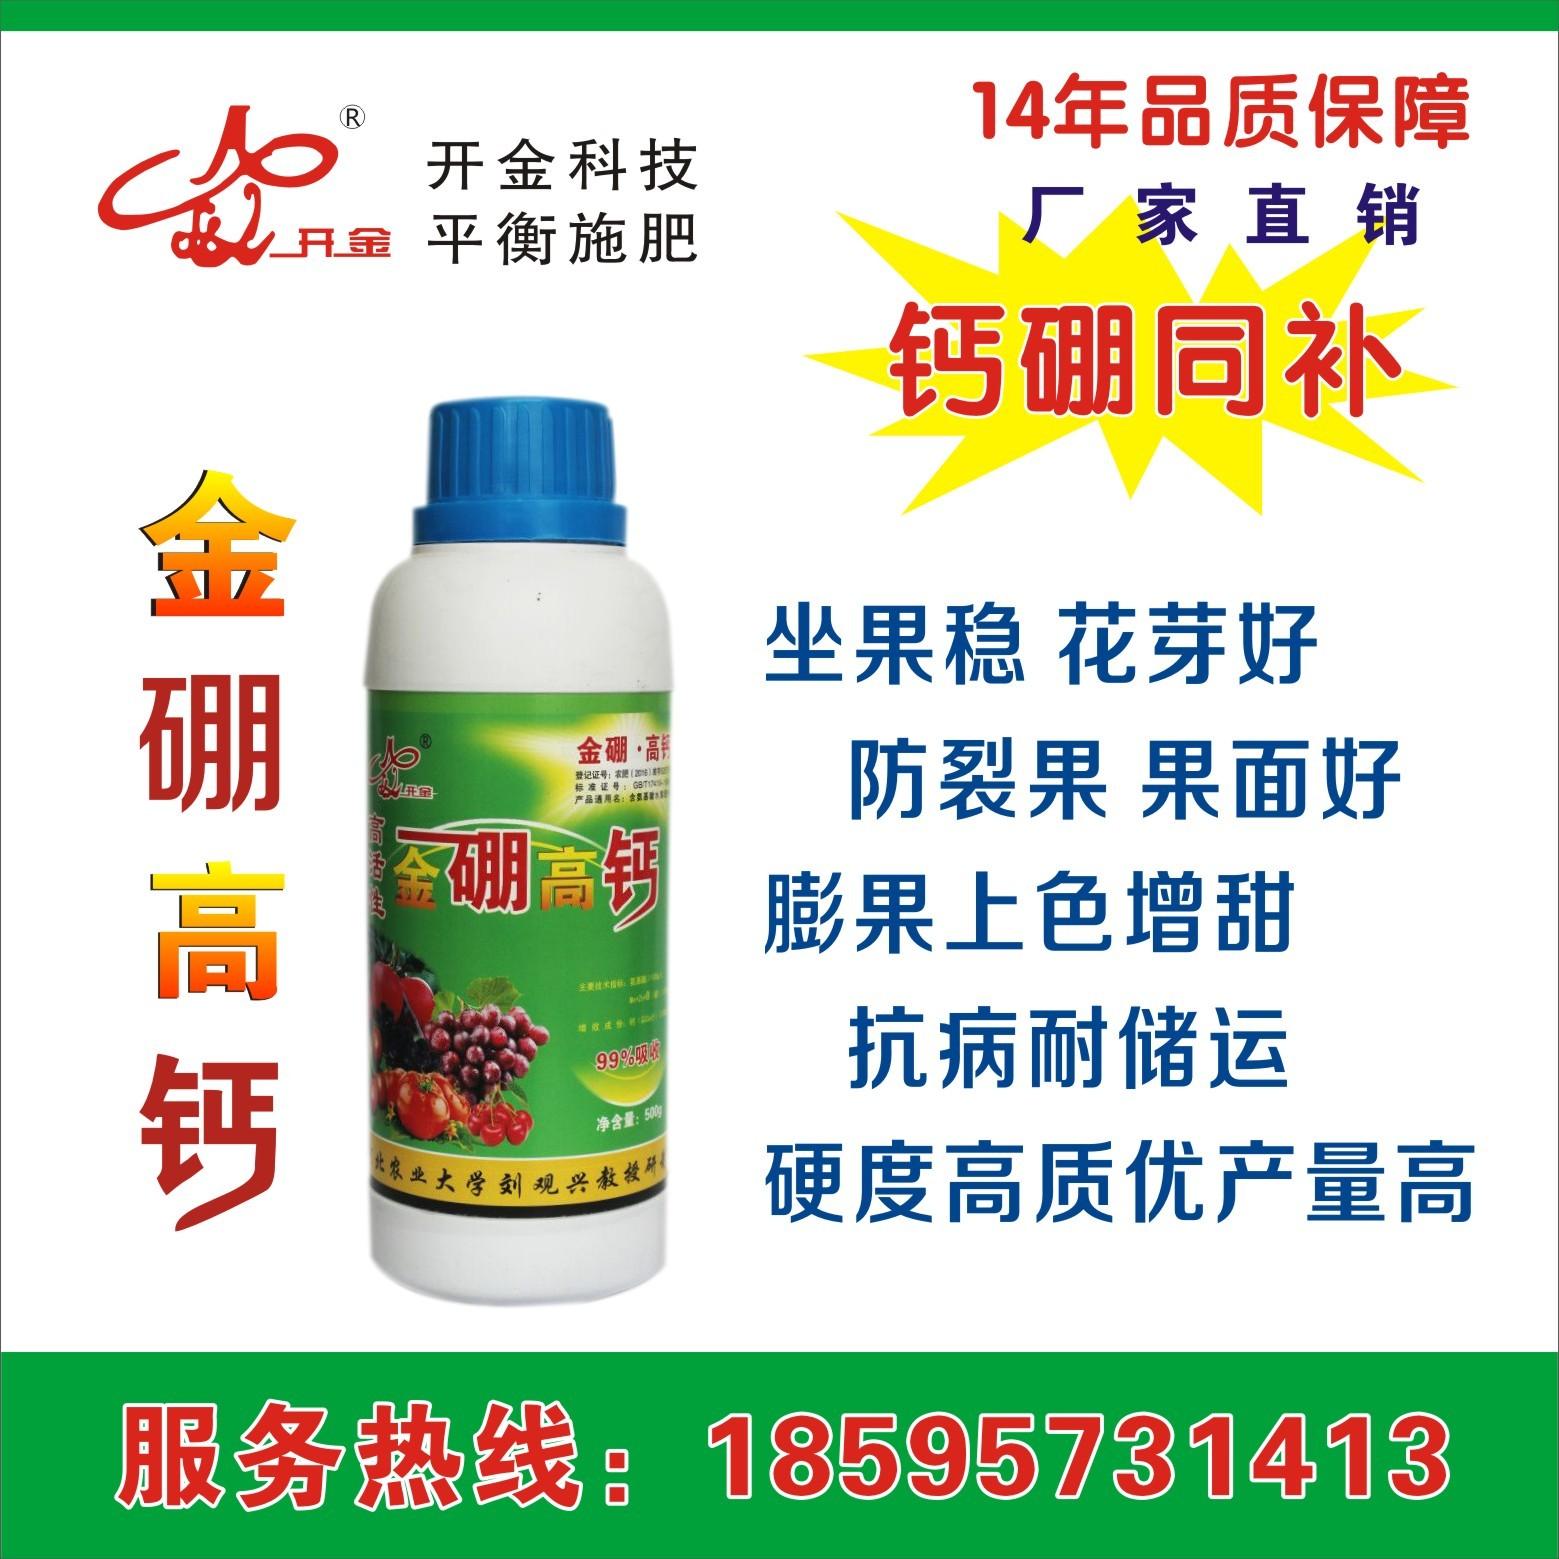 开金科技金硼高钙液果树叶面肥江苏桃梨不含激素硼钙肥高效益园区